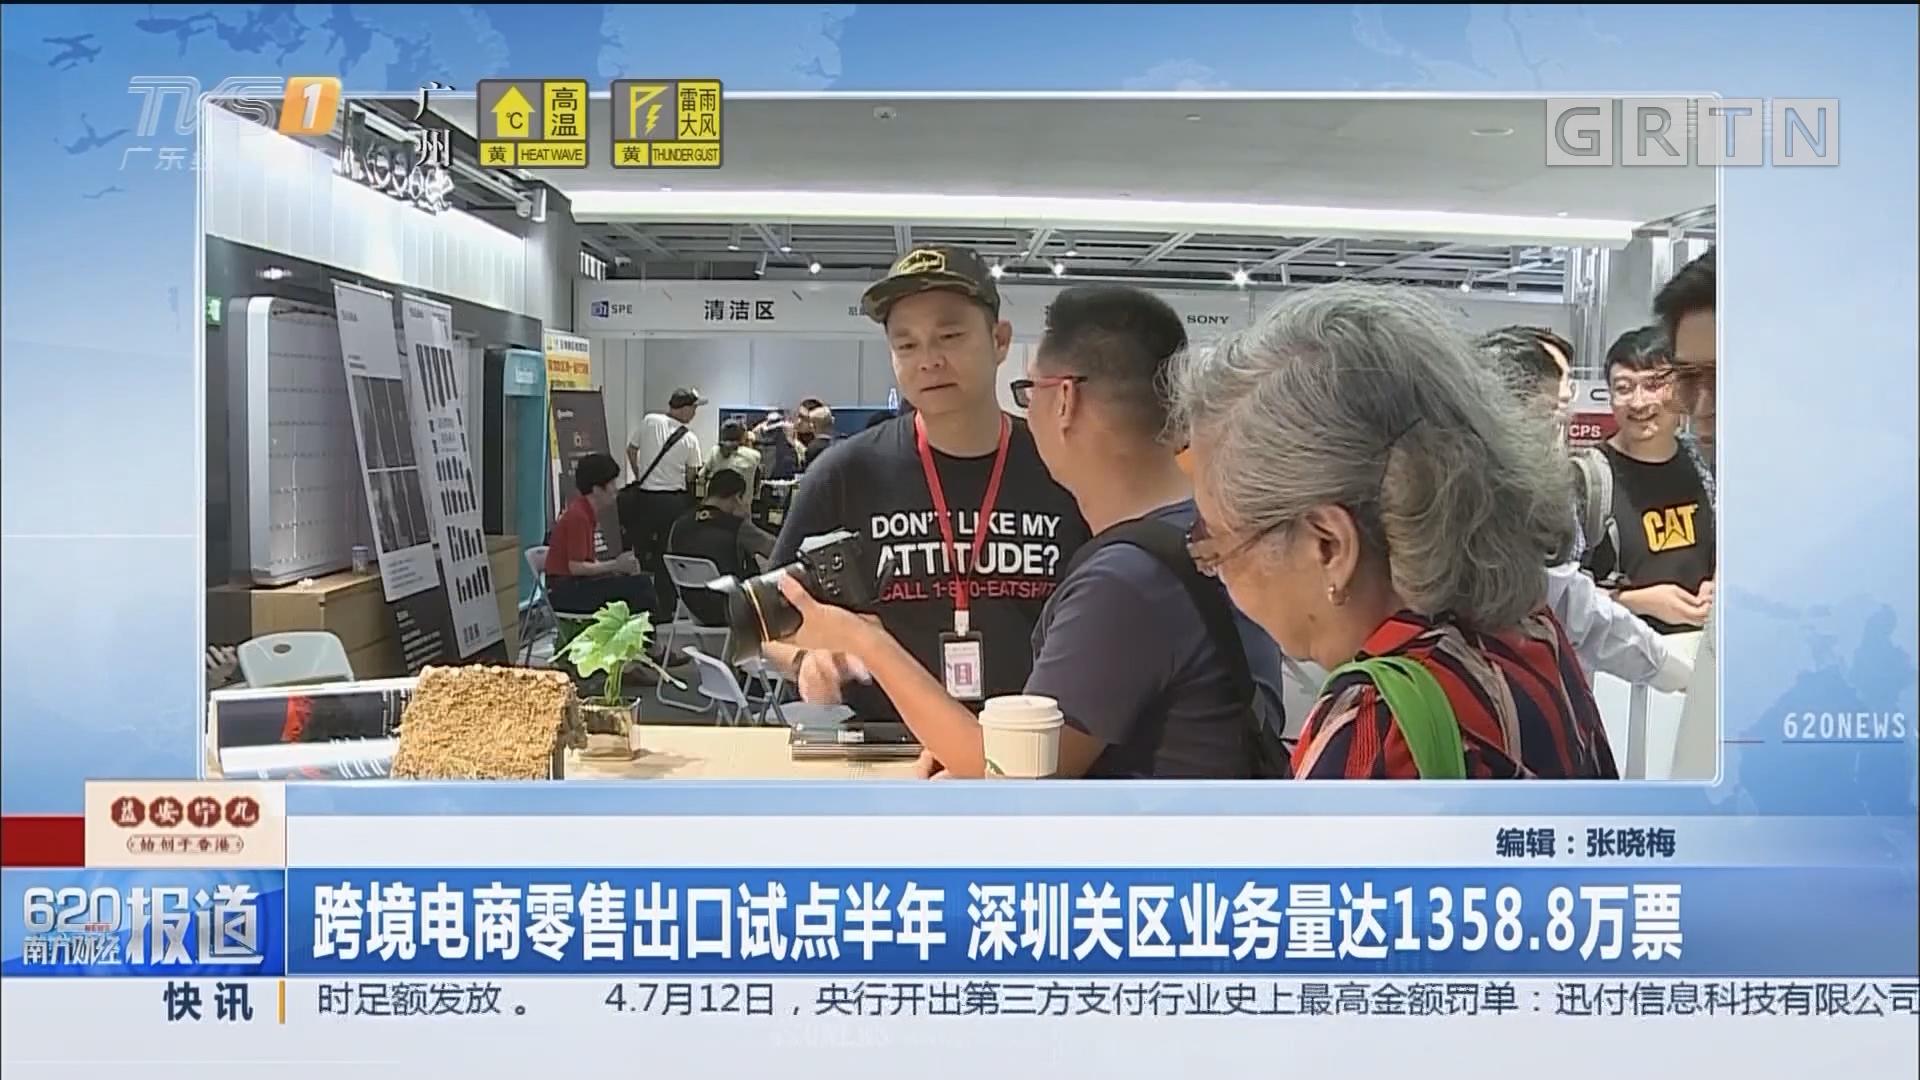 跨境电商零售出口试点半年 深圳关区业务量达1358.8万票